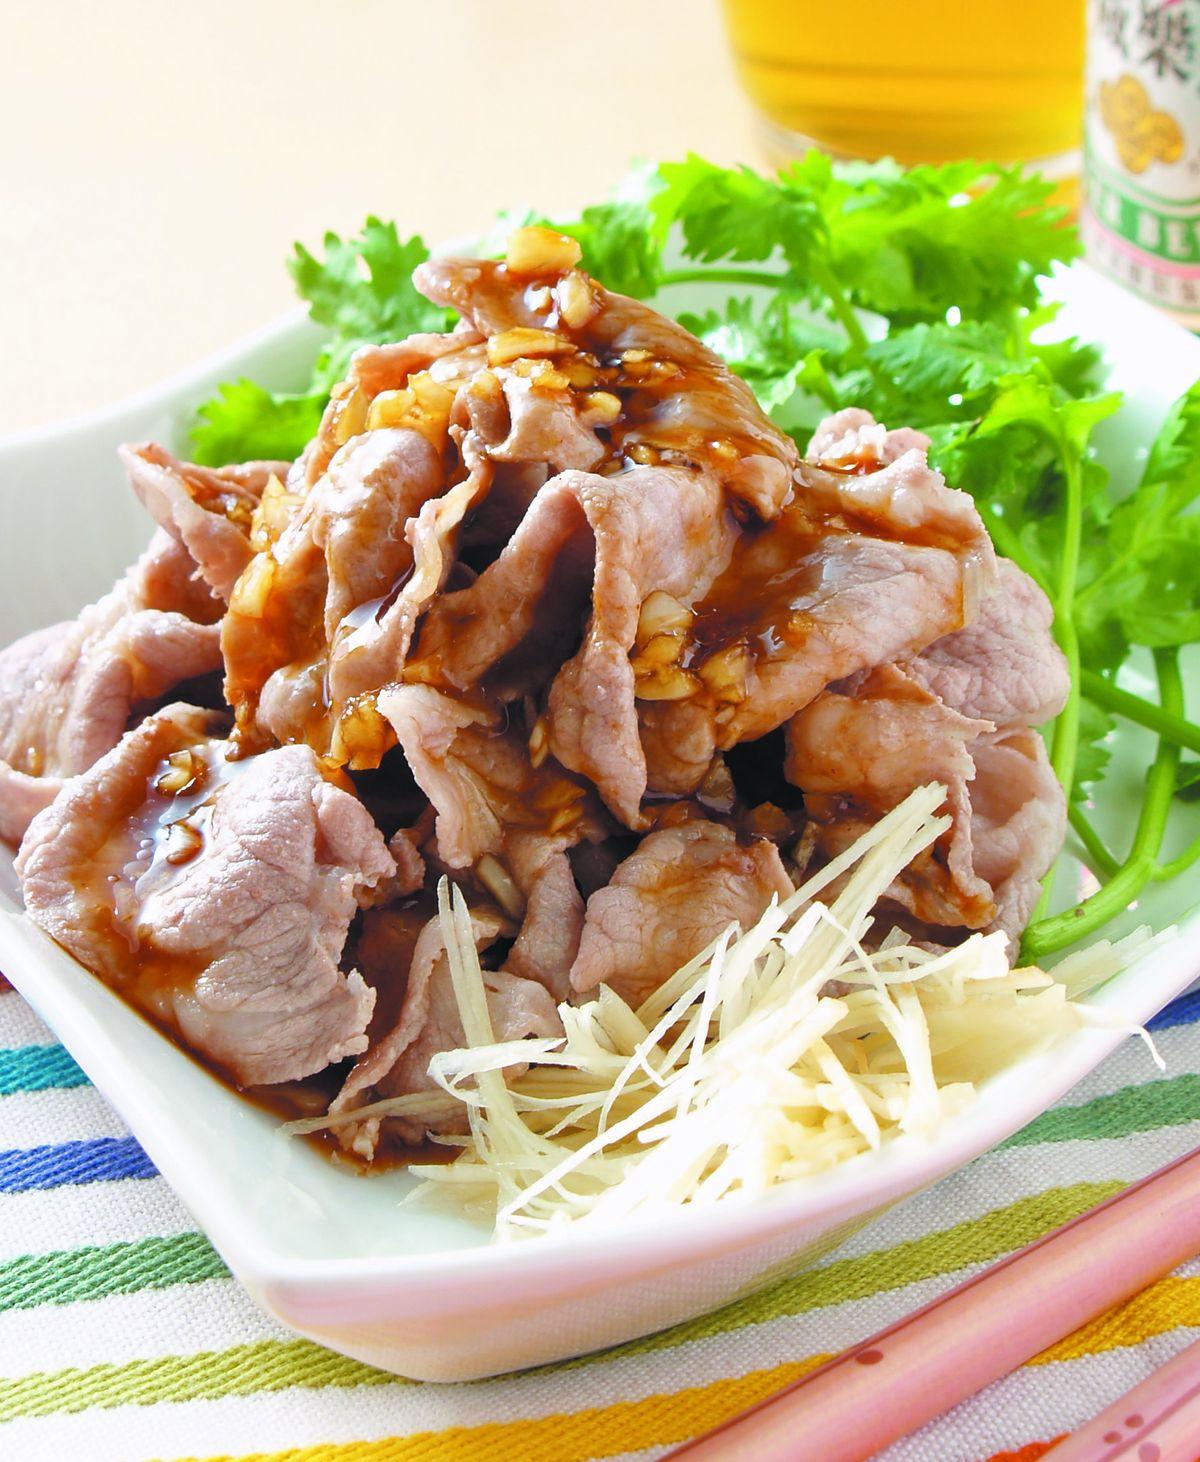 食譜:蒜茸肉片